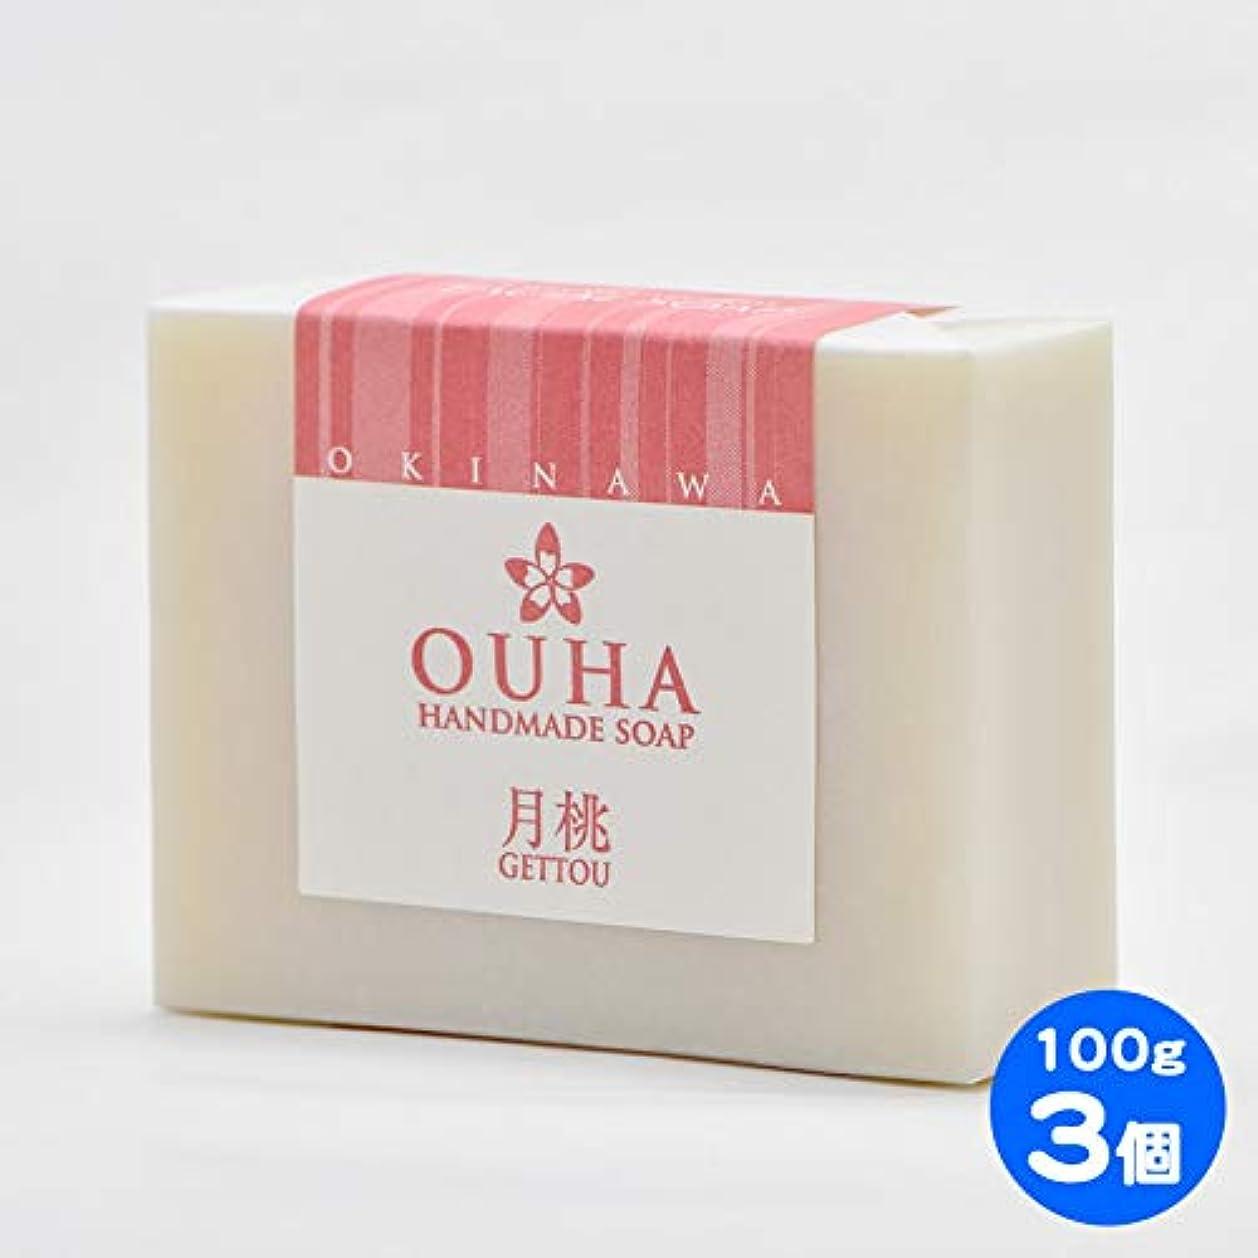 対立どこ枕【送料無料 レターパックライト】沖縄県産 OUHAソープ 月桃 石鹸 100g 3個セット